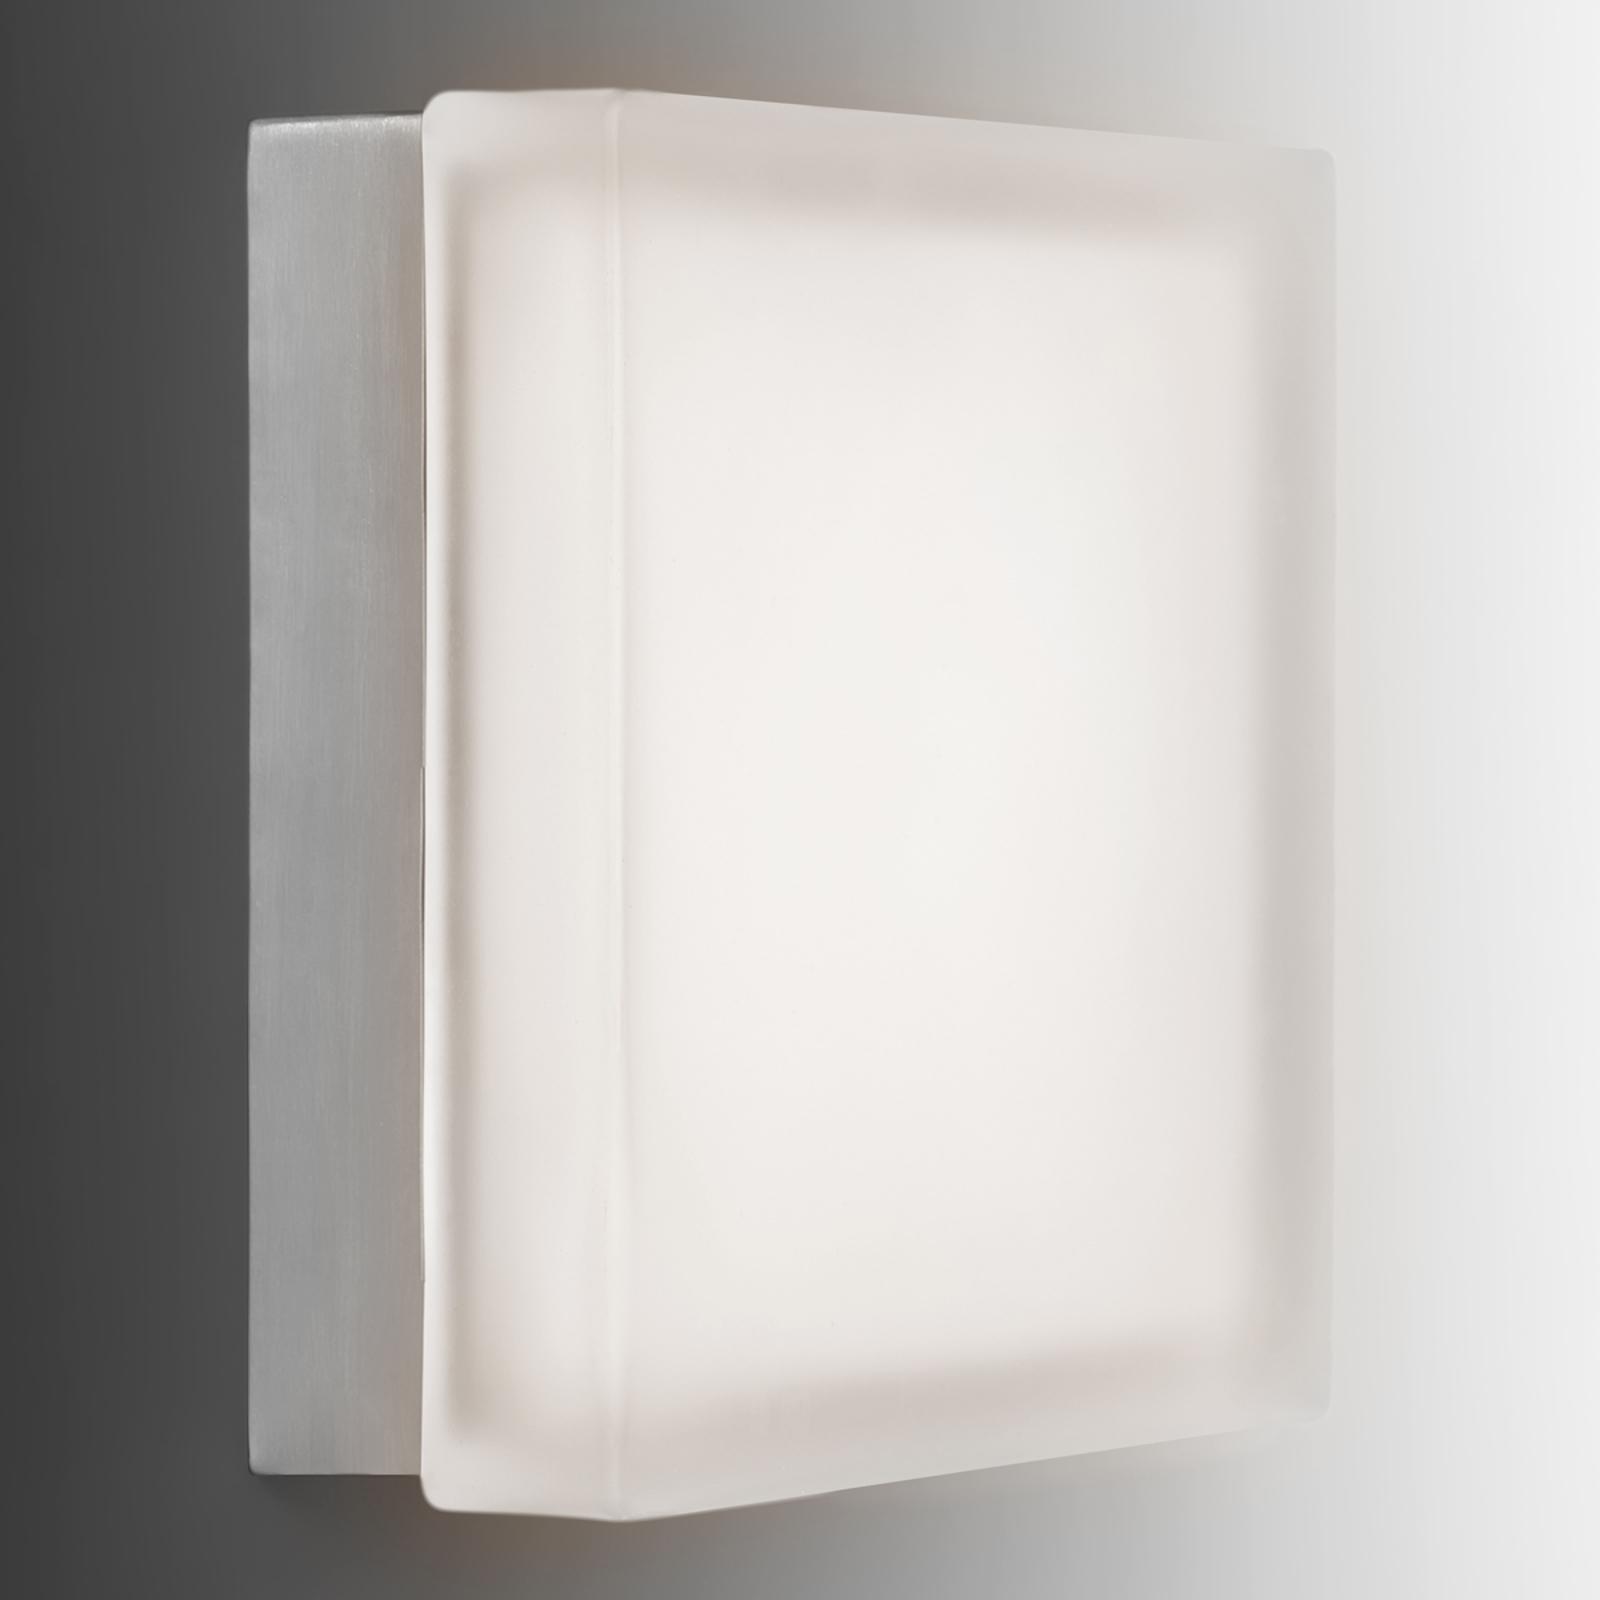 Applique LED Briq 02L moderne blanc chaud